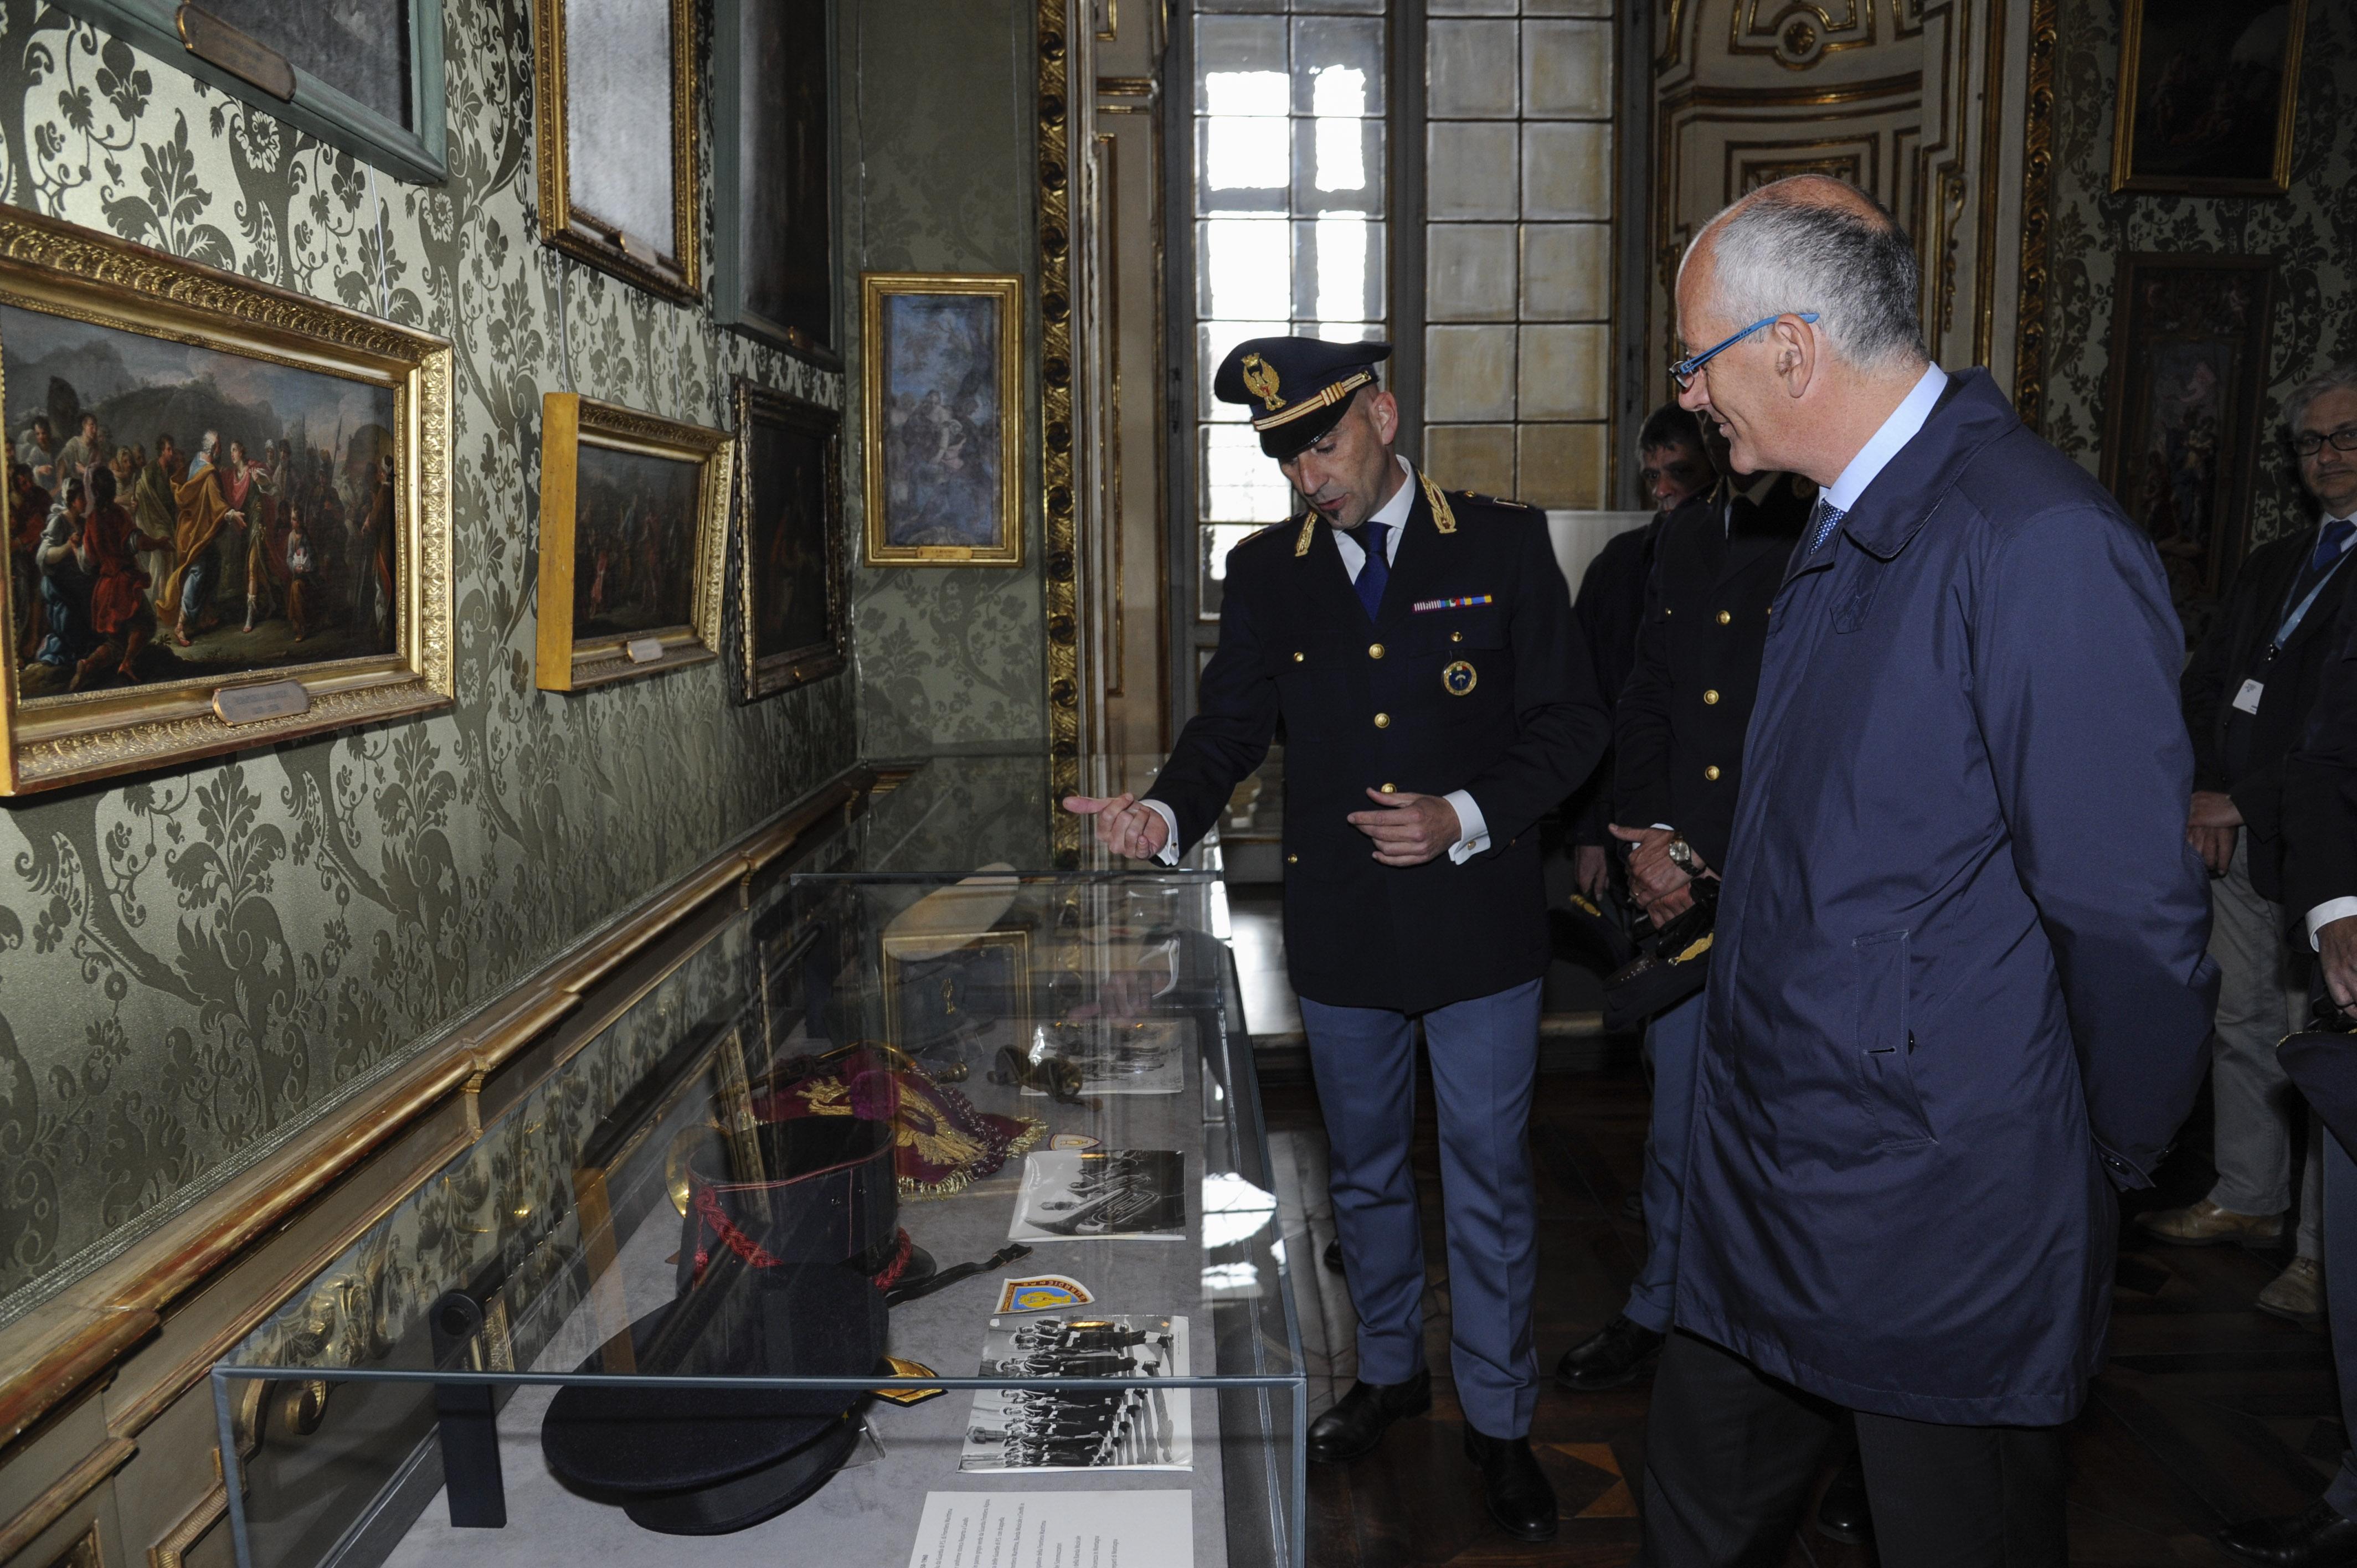 Il capo della polizia in visita a torino la mostra 165 for Questura di torino permesso di soggiorno pronto